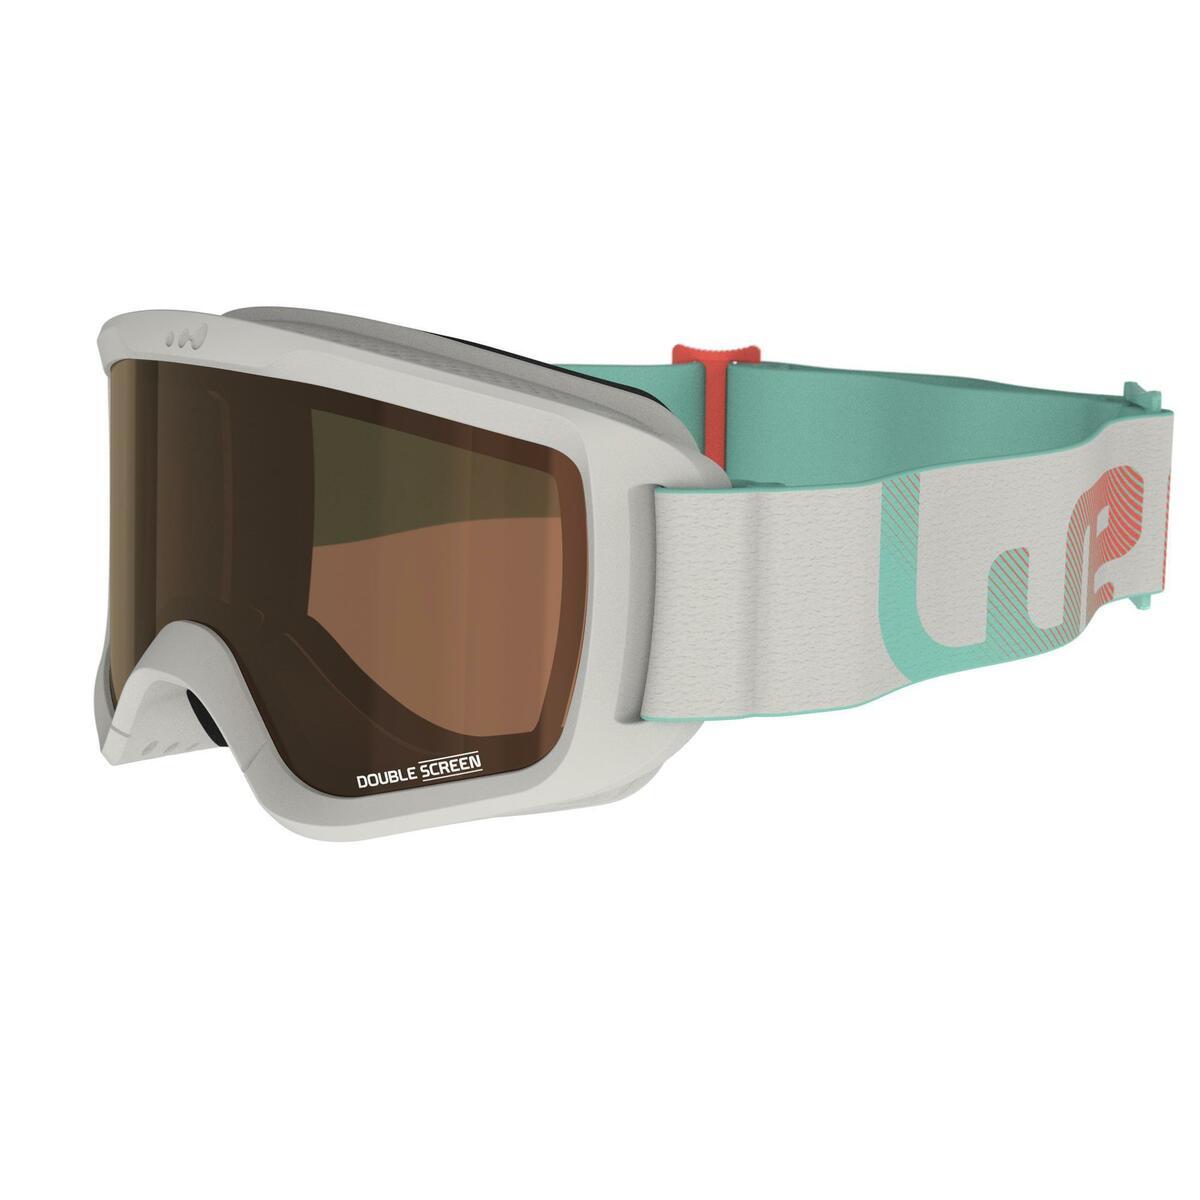 Bild 2 von Skibrille G 140 S3 Mädchen und Frauen schönes Wetter grau